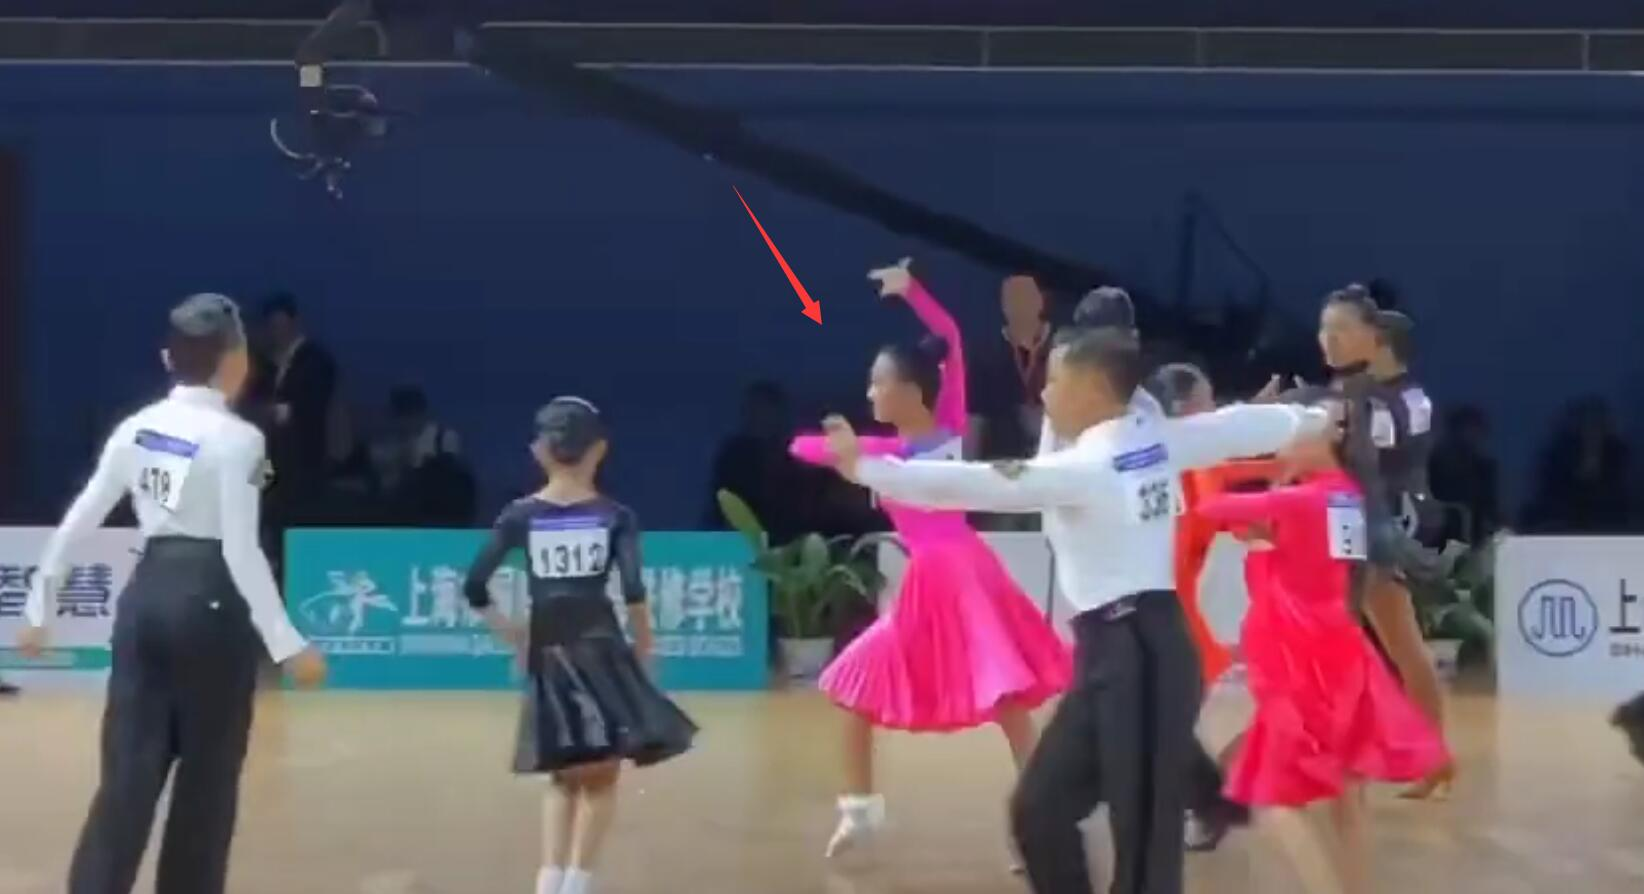 马伊琍陪爱马参加拉丁舞比赛,台下不停录视频,身旁不见爸爸文章